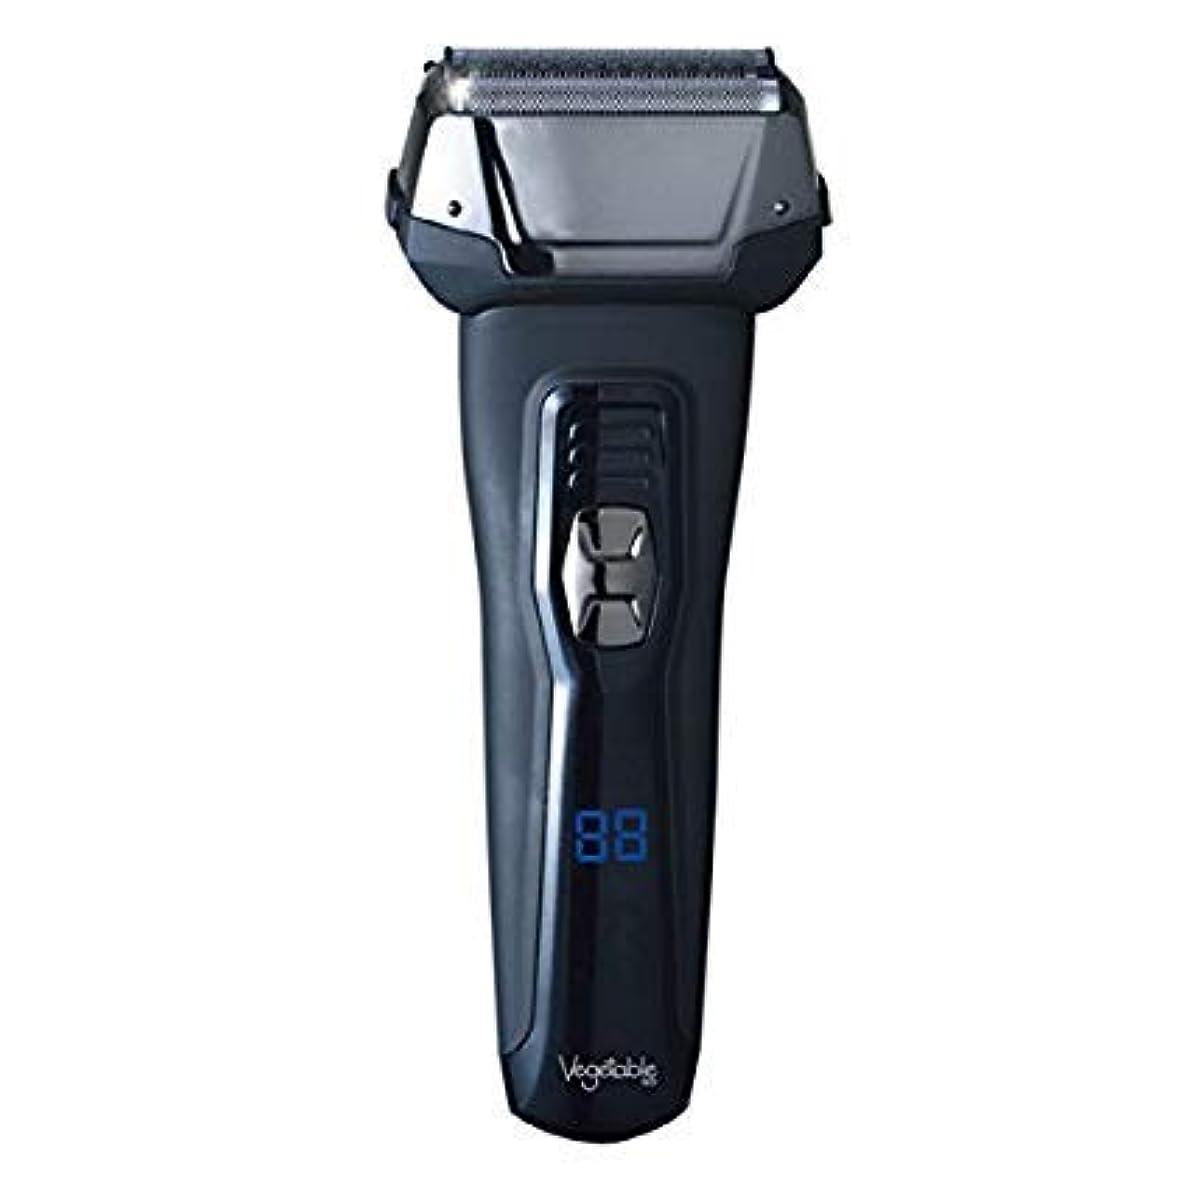 スコットランド人最大限モードリン髭剃り 電気シェーバー Vegetable 3枚刃 充電交流式ウォッシャブルデジタルシェーバー GD-S307D